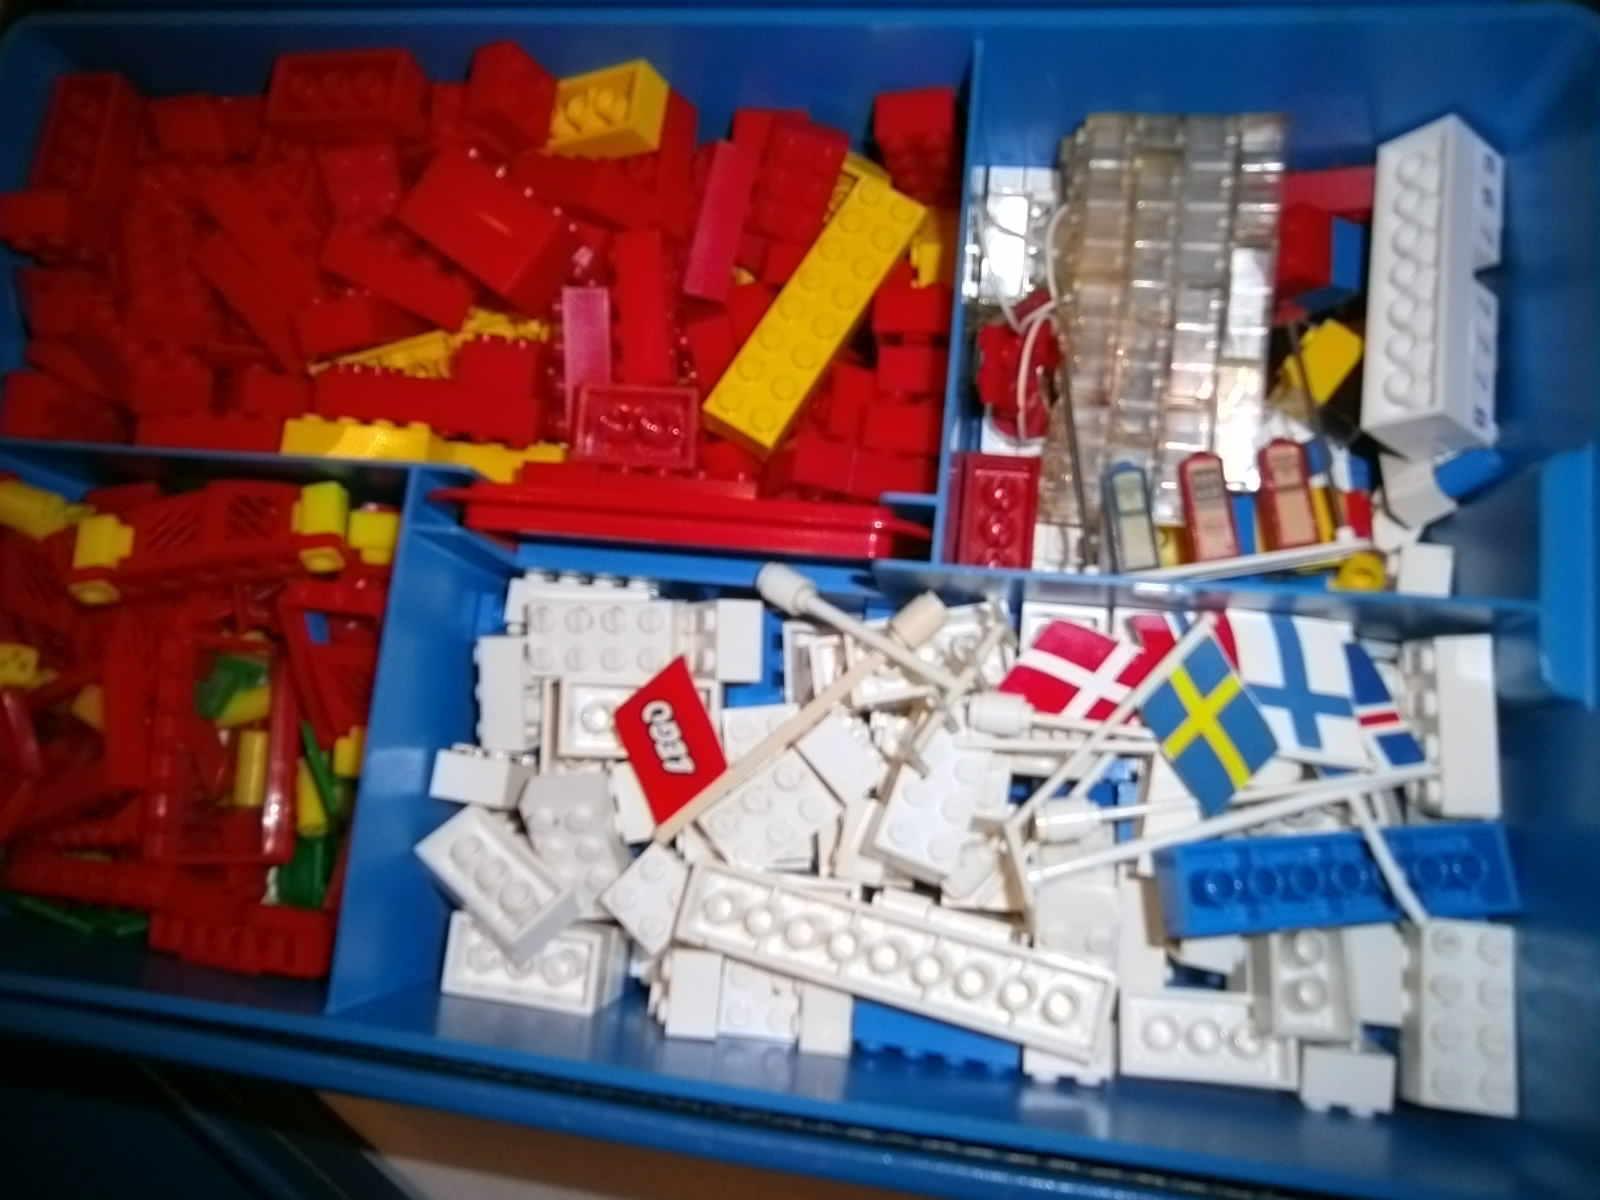 LEGO Sortierbox Koffer Blau gefüllt 60 70er J Fahnen Steine Platten Esso Zapfsäu